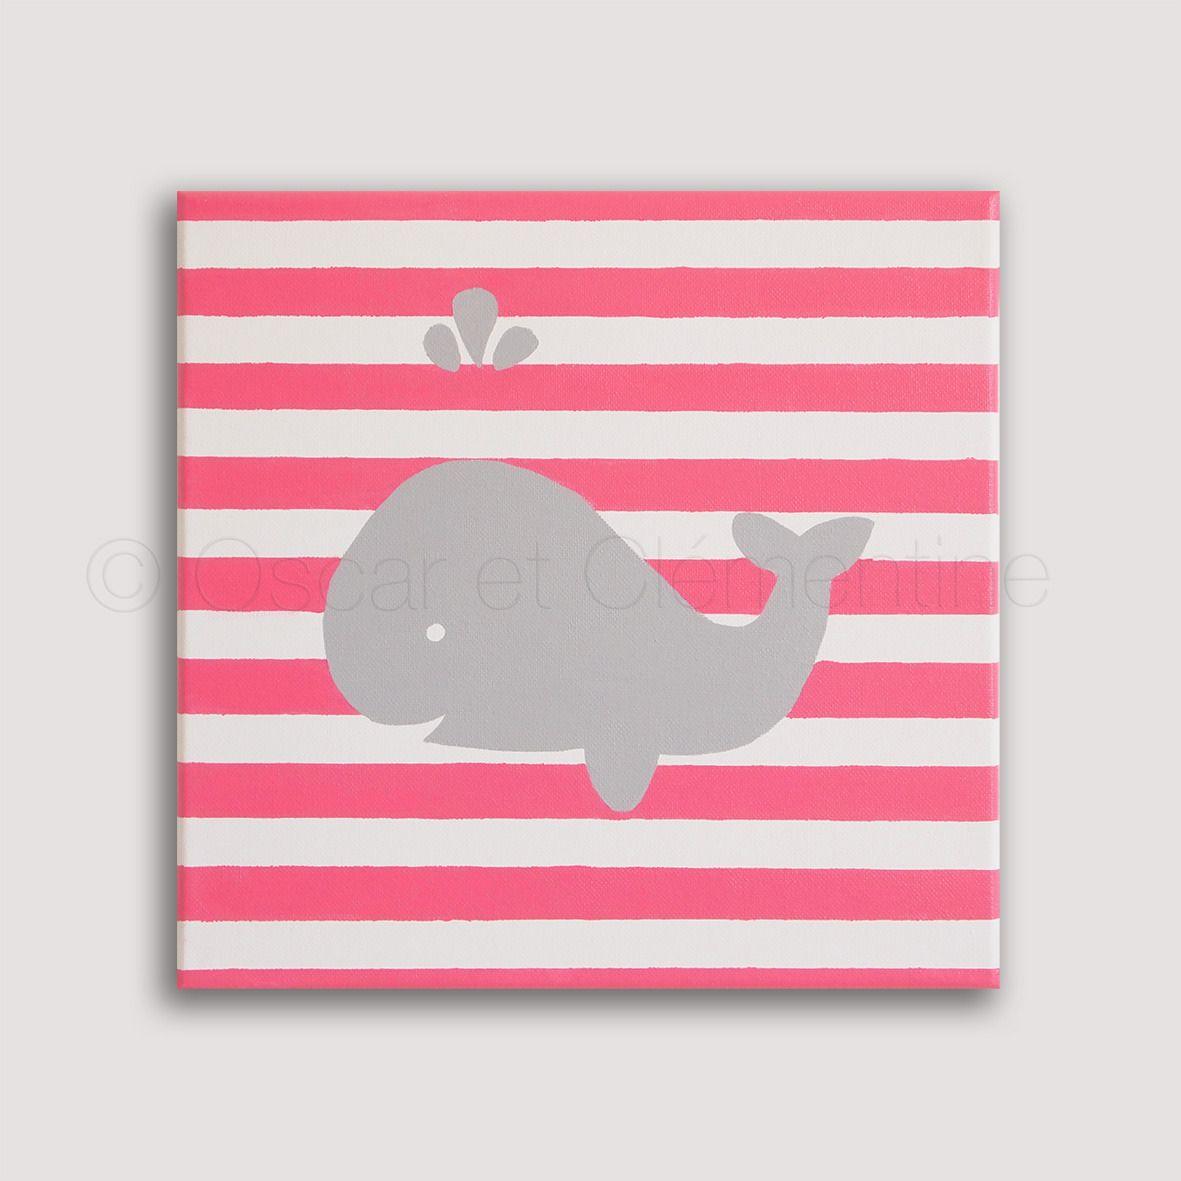 Baleine peinte la main toile pour chambre d 39 enfant ou de b b les petites toiles oscar et - Toile pour chambre bebe ...